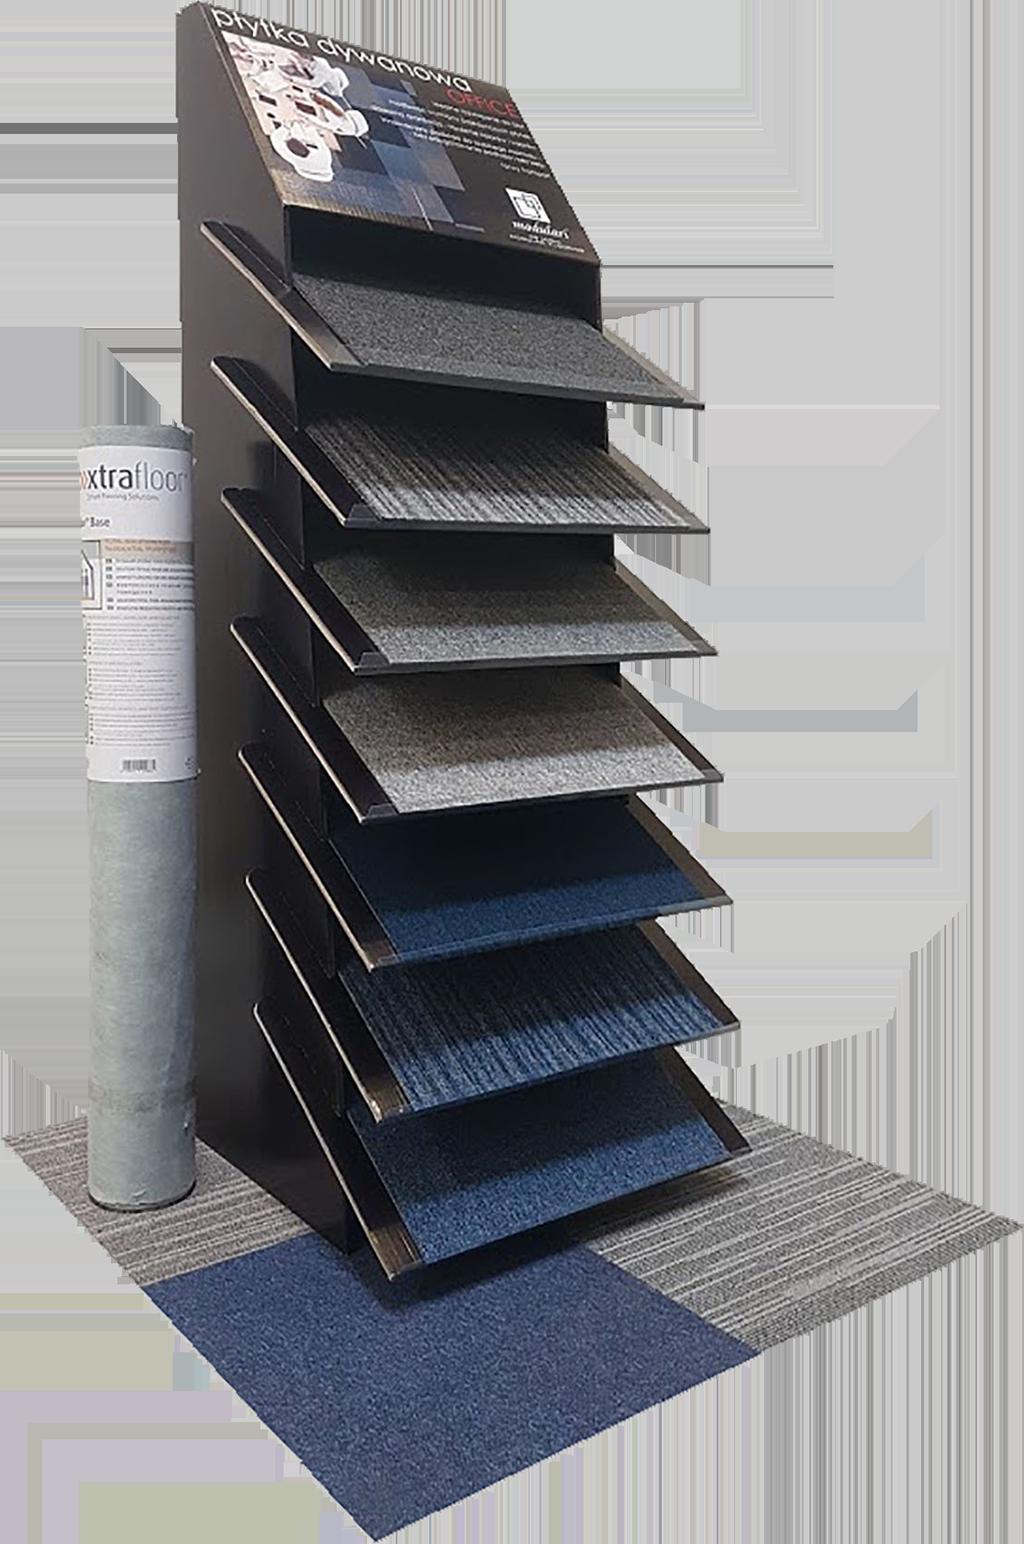 modulari® - nowy wymiar ekspozycji płytek dywanowych